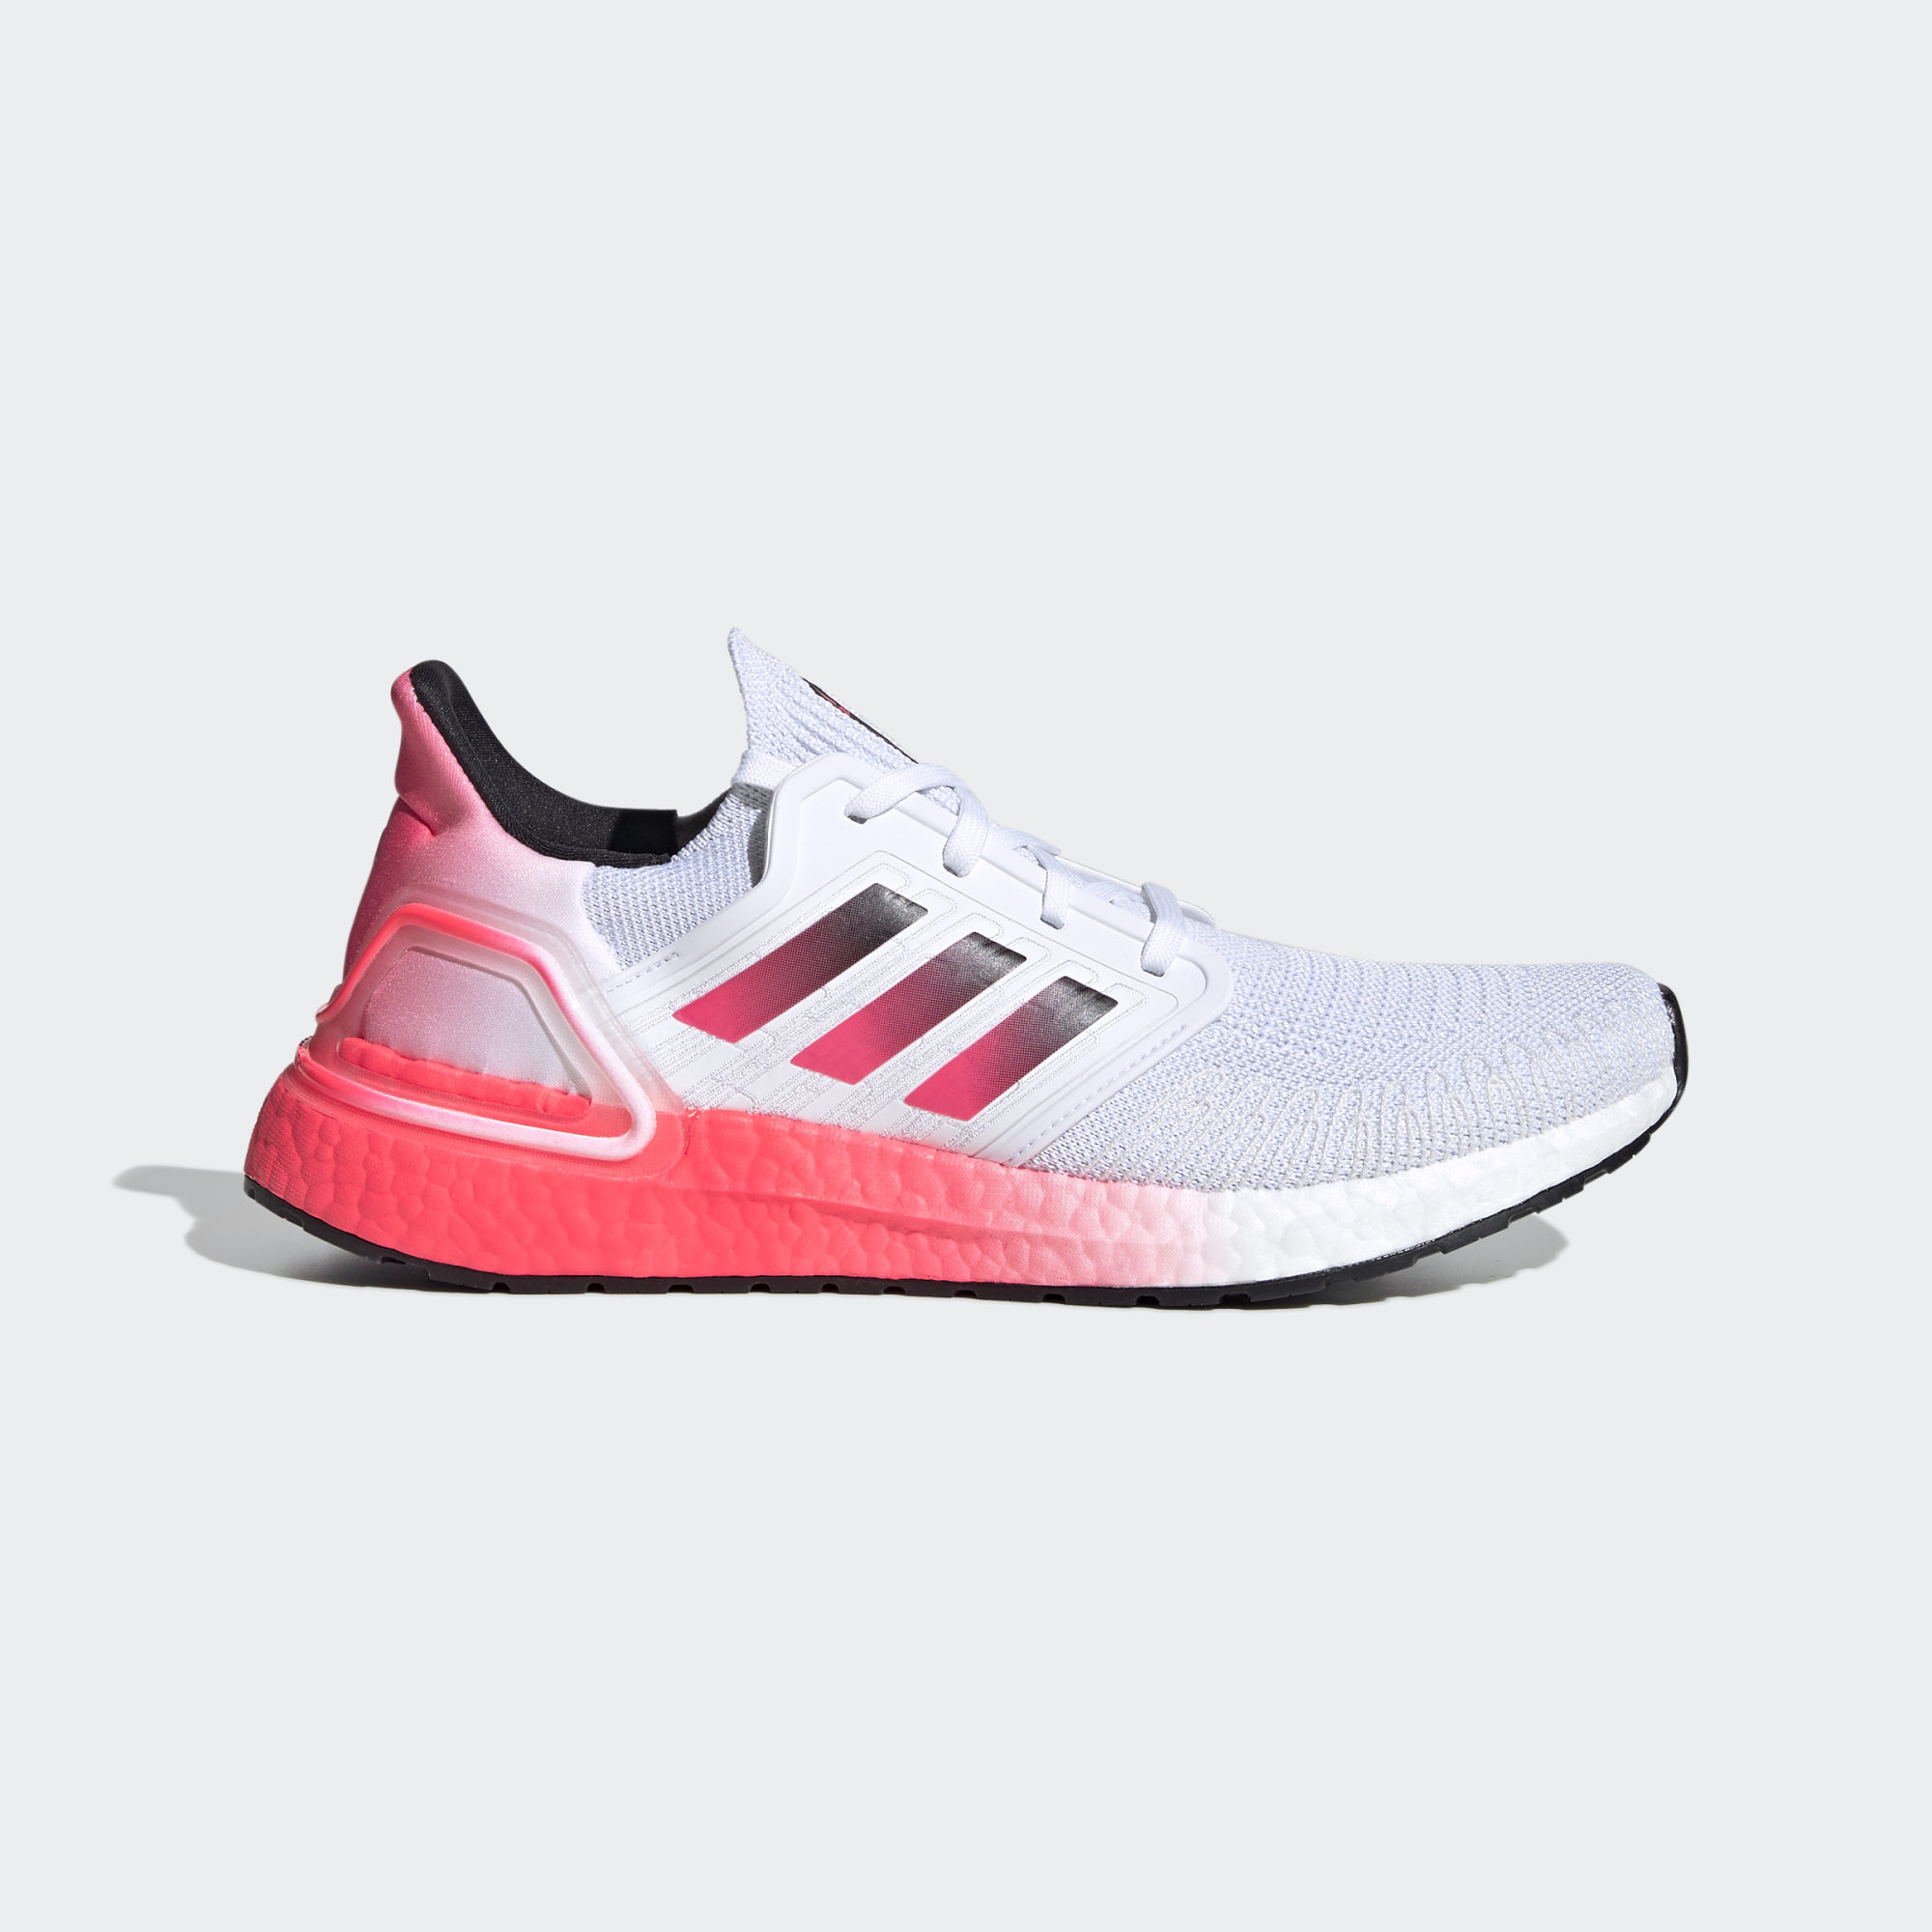 giay-sneaker-the-thao-nam-adidas-ultra-boost-20-eg5177-trang-do-hang-chinh-hang-